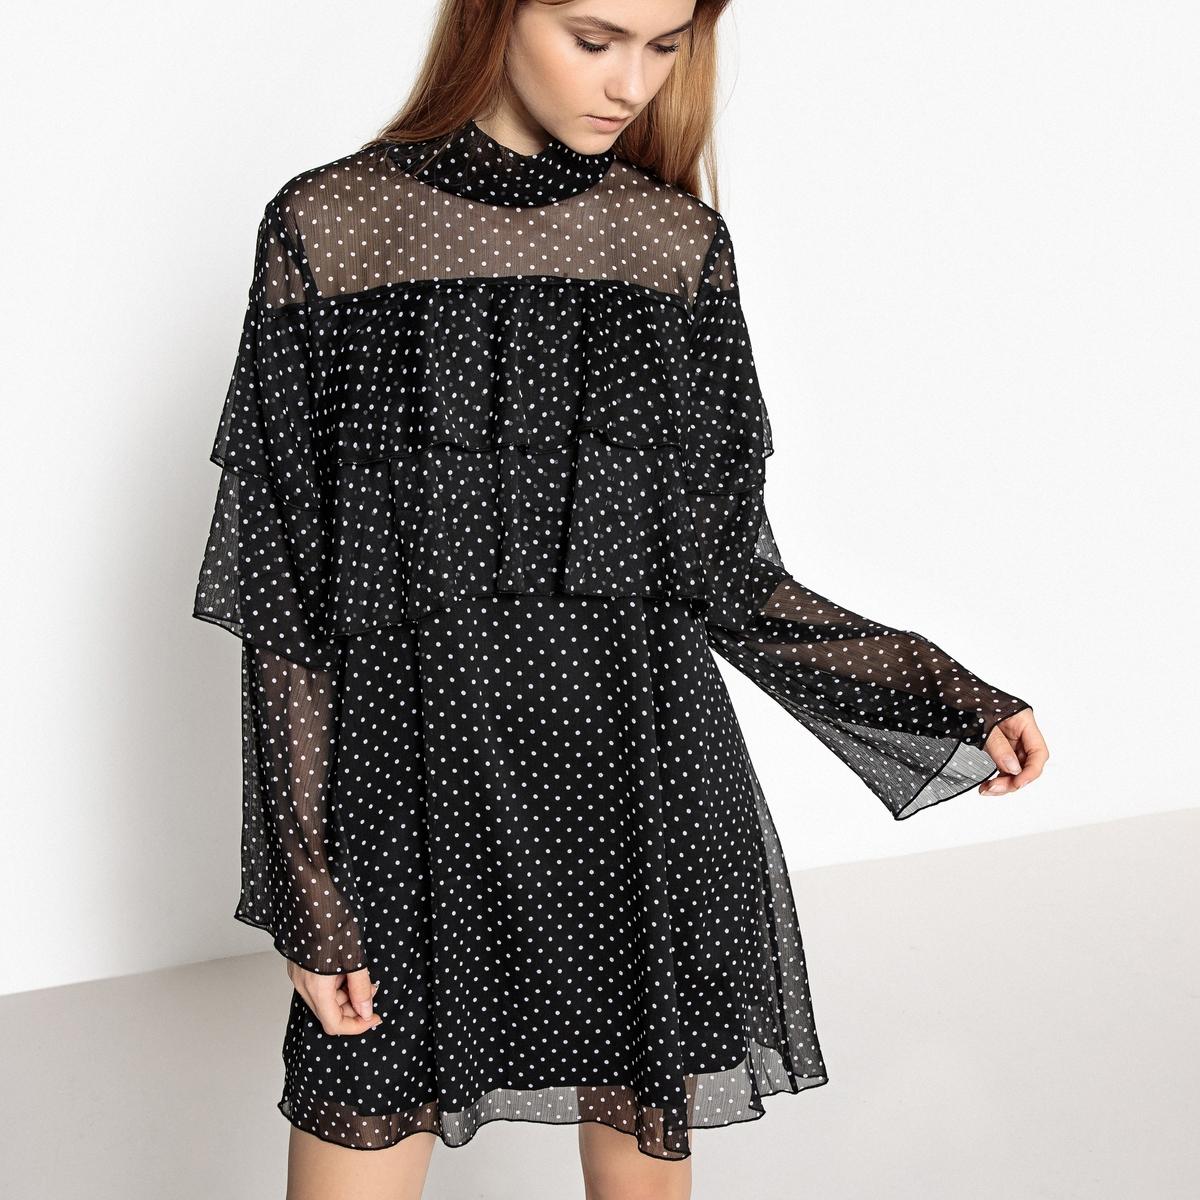 Платье с воланами, принт в горошек